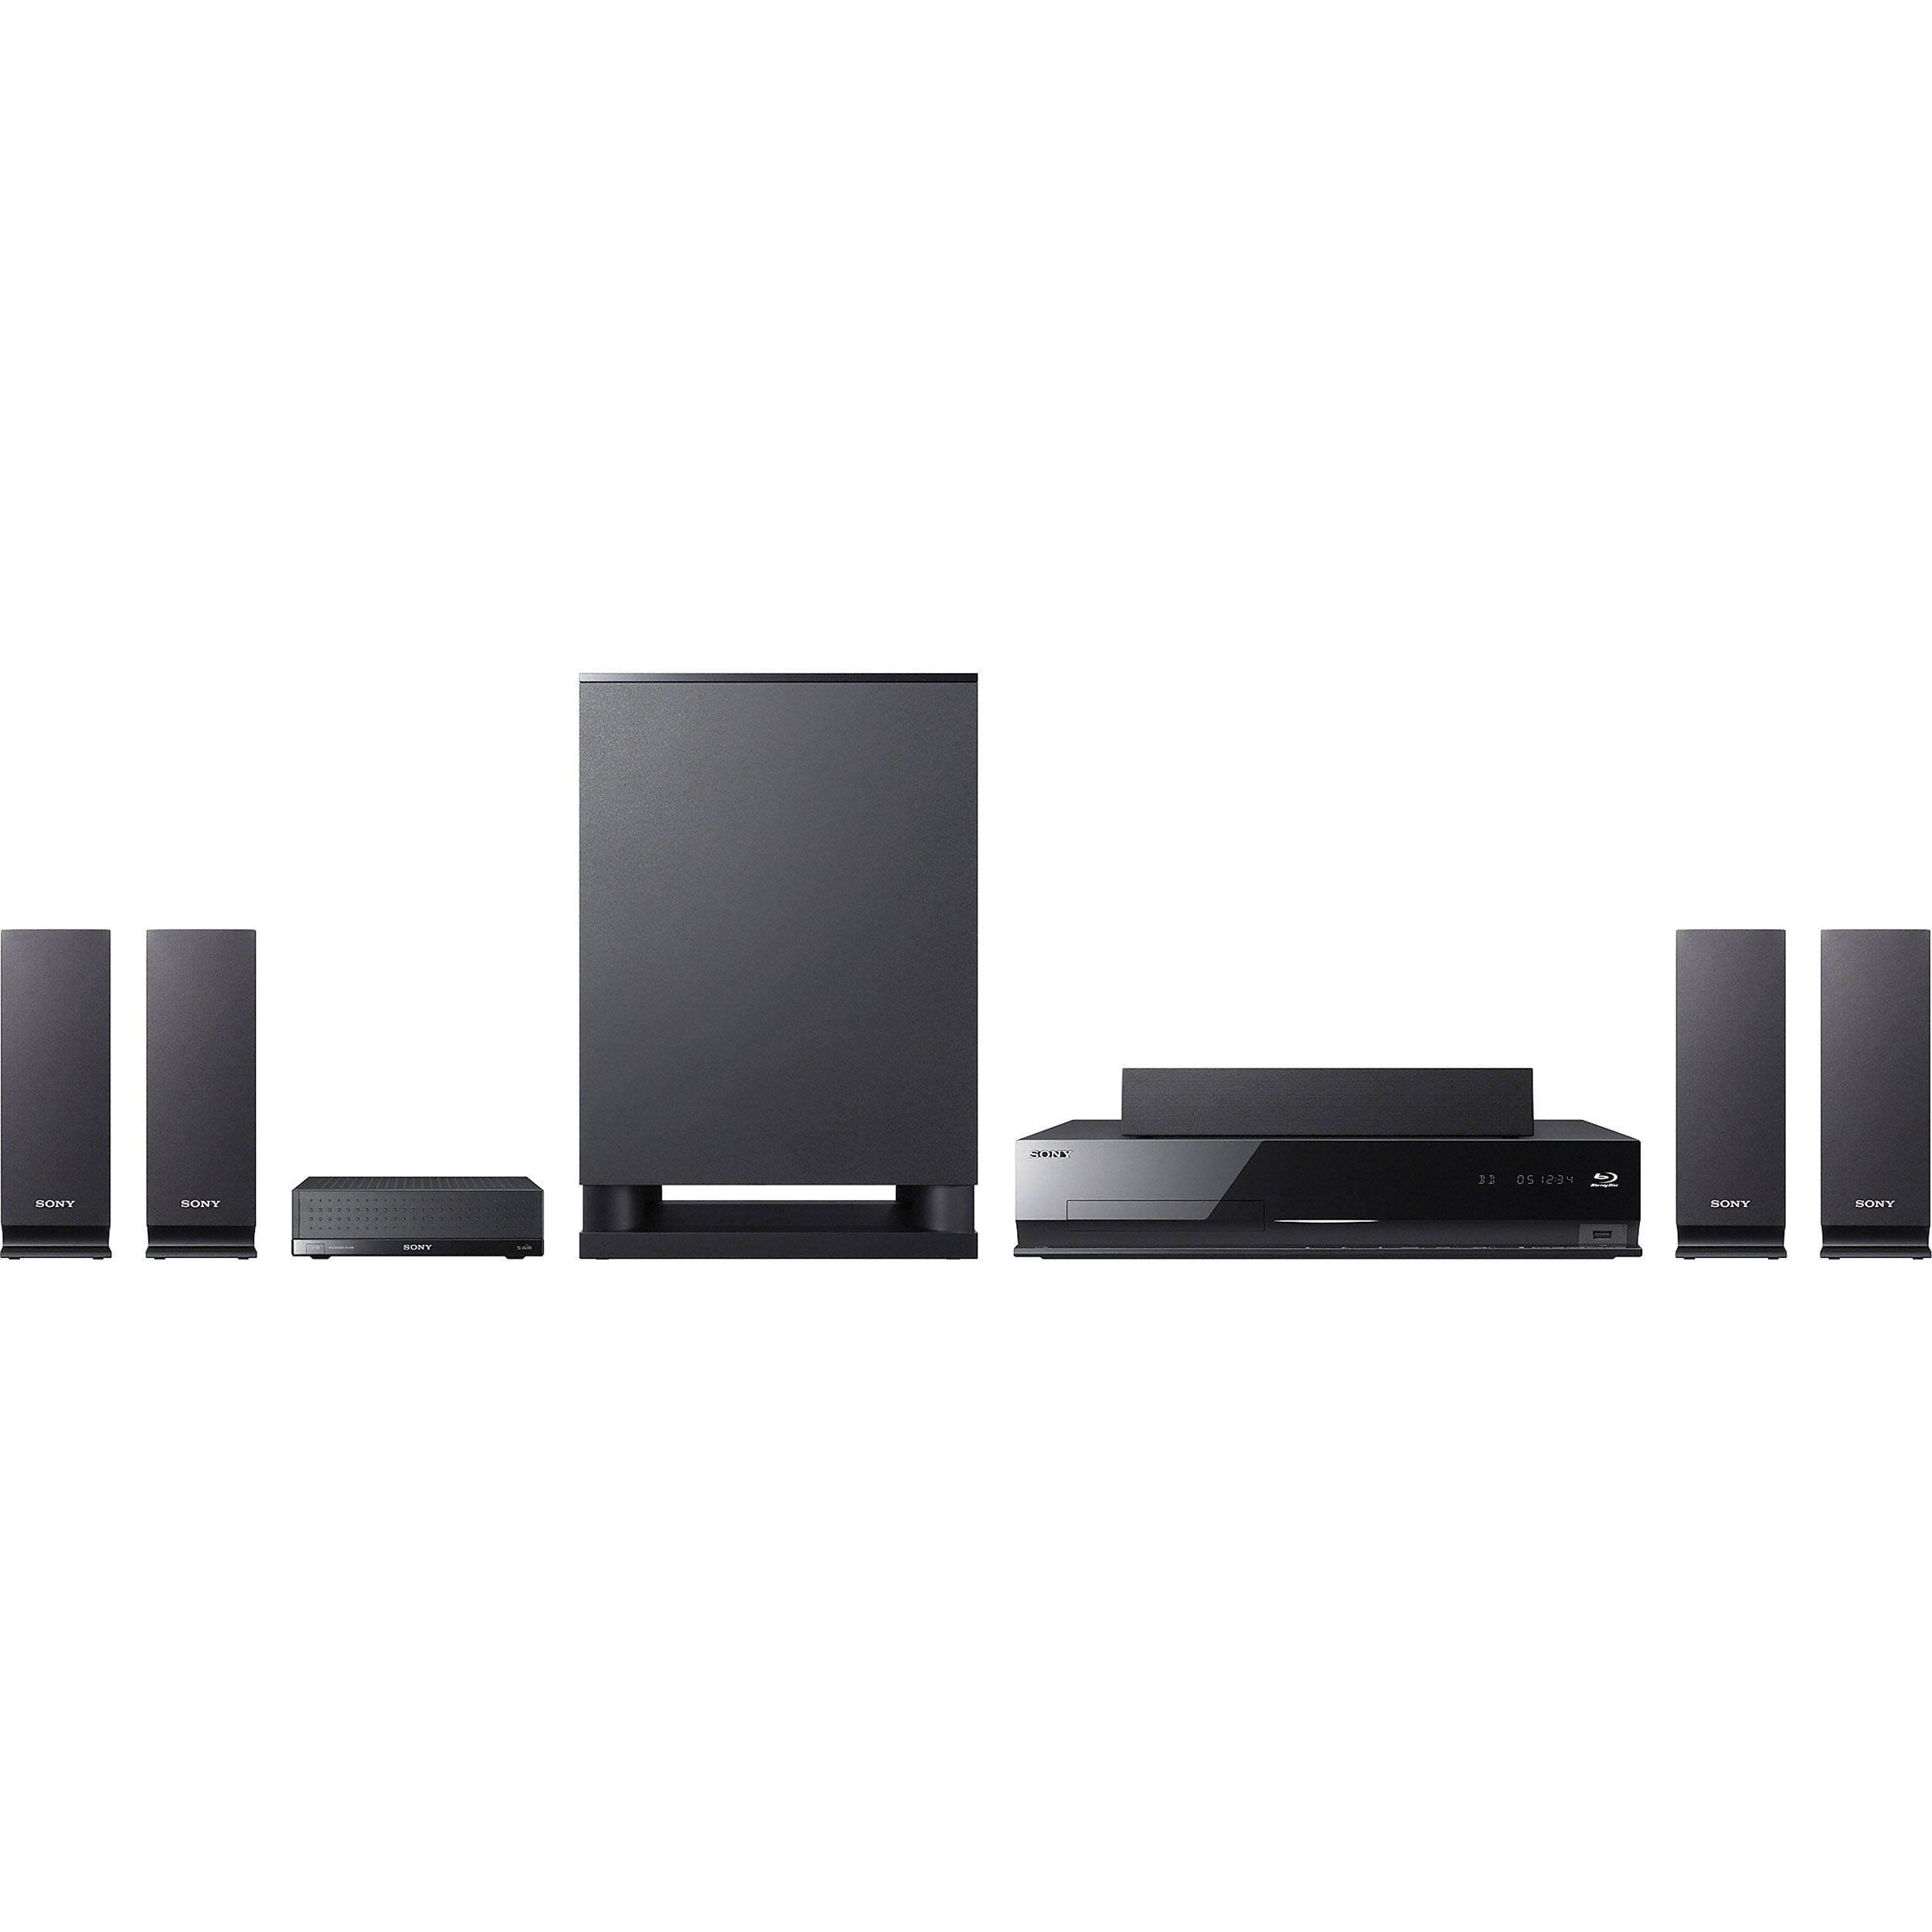 Sony BDV-E770W Blu-ray Home Theater System BDV-E770W B&H Photo